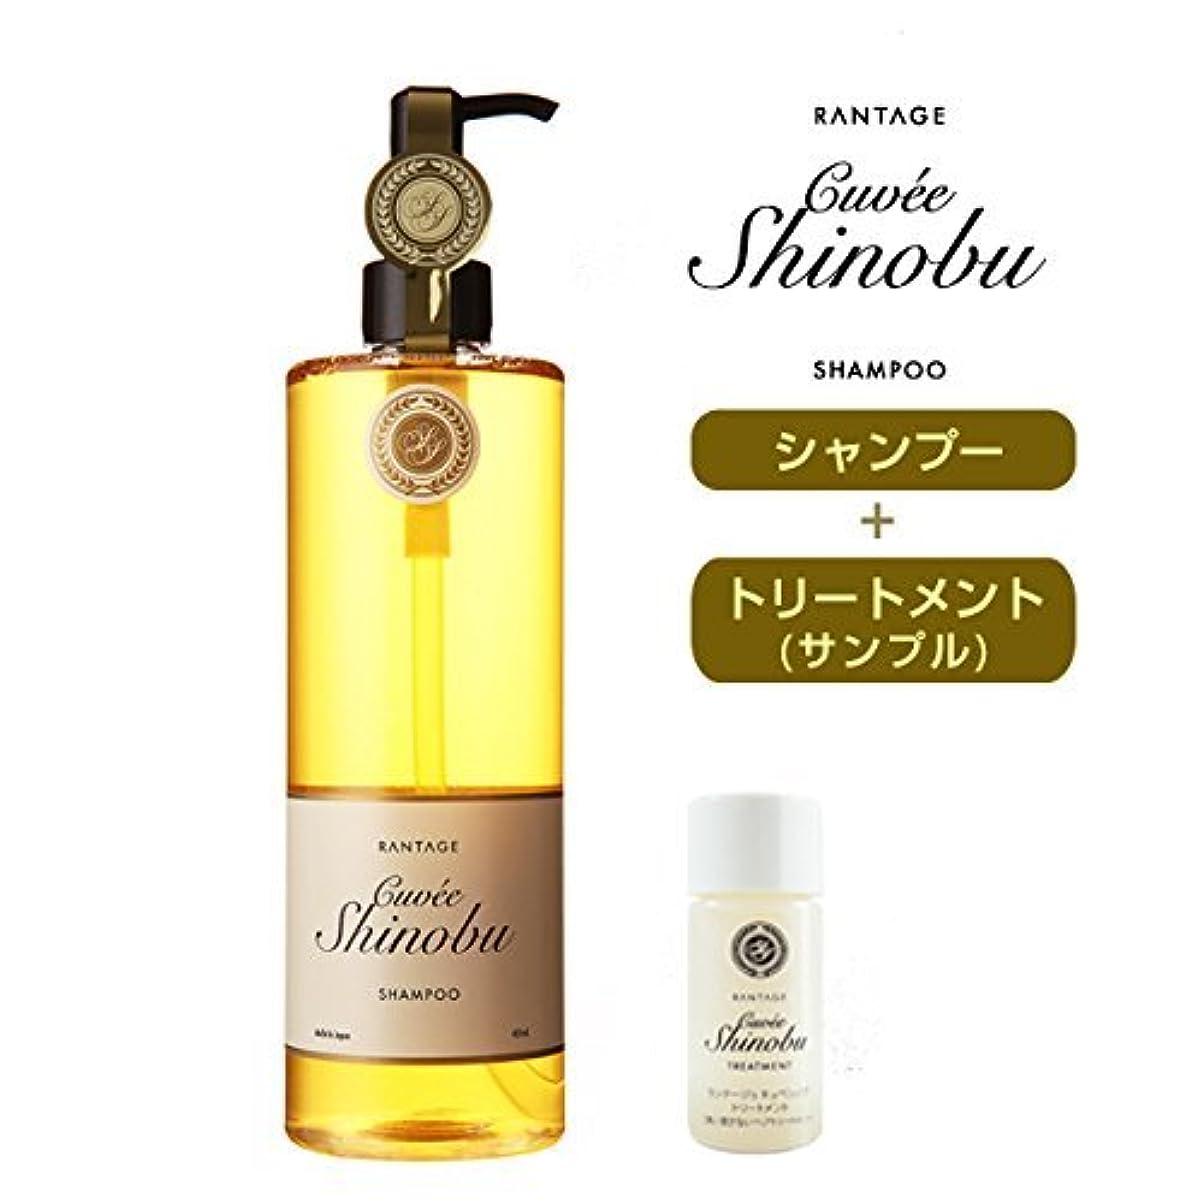 バター支配的カップル【美容室専用】ランテージュキュベシノブシャンプー 400ml